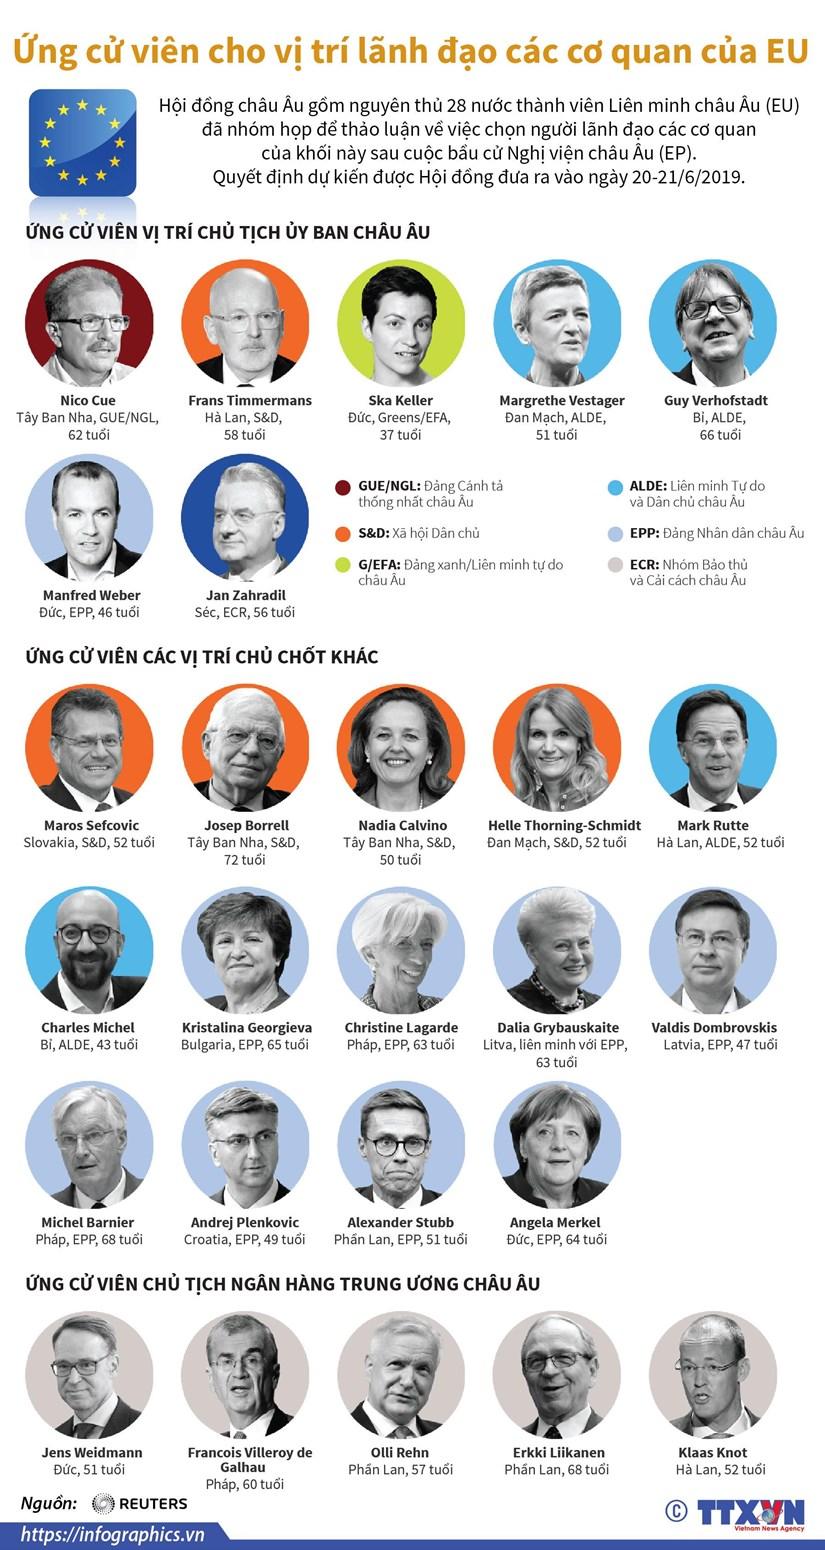 [Infographics] Ứng cử viên cho vị trí lãnh đạo các cơ quan của EU